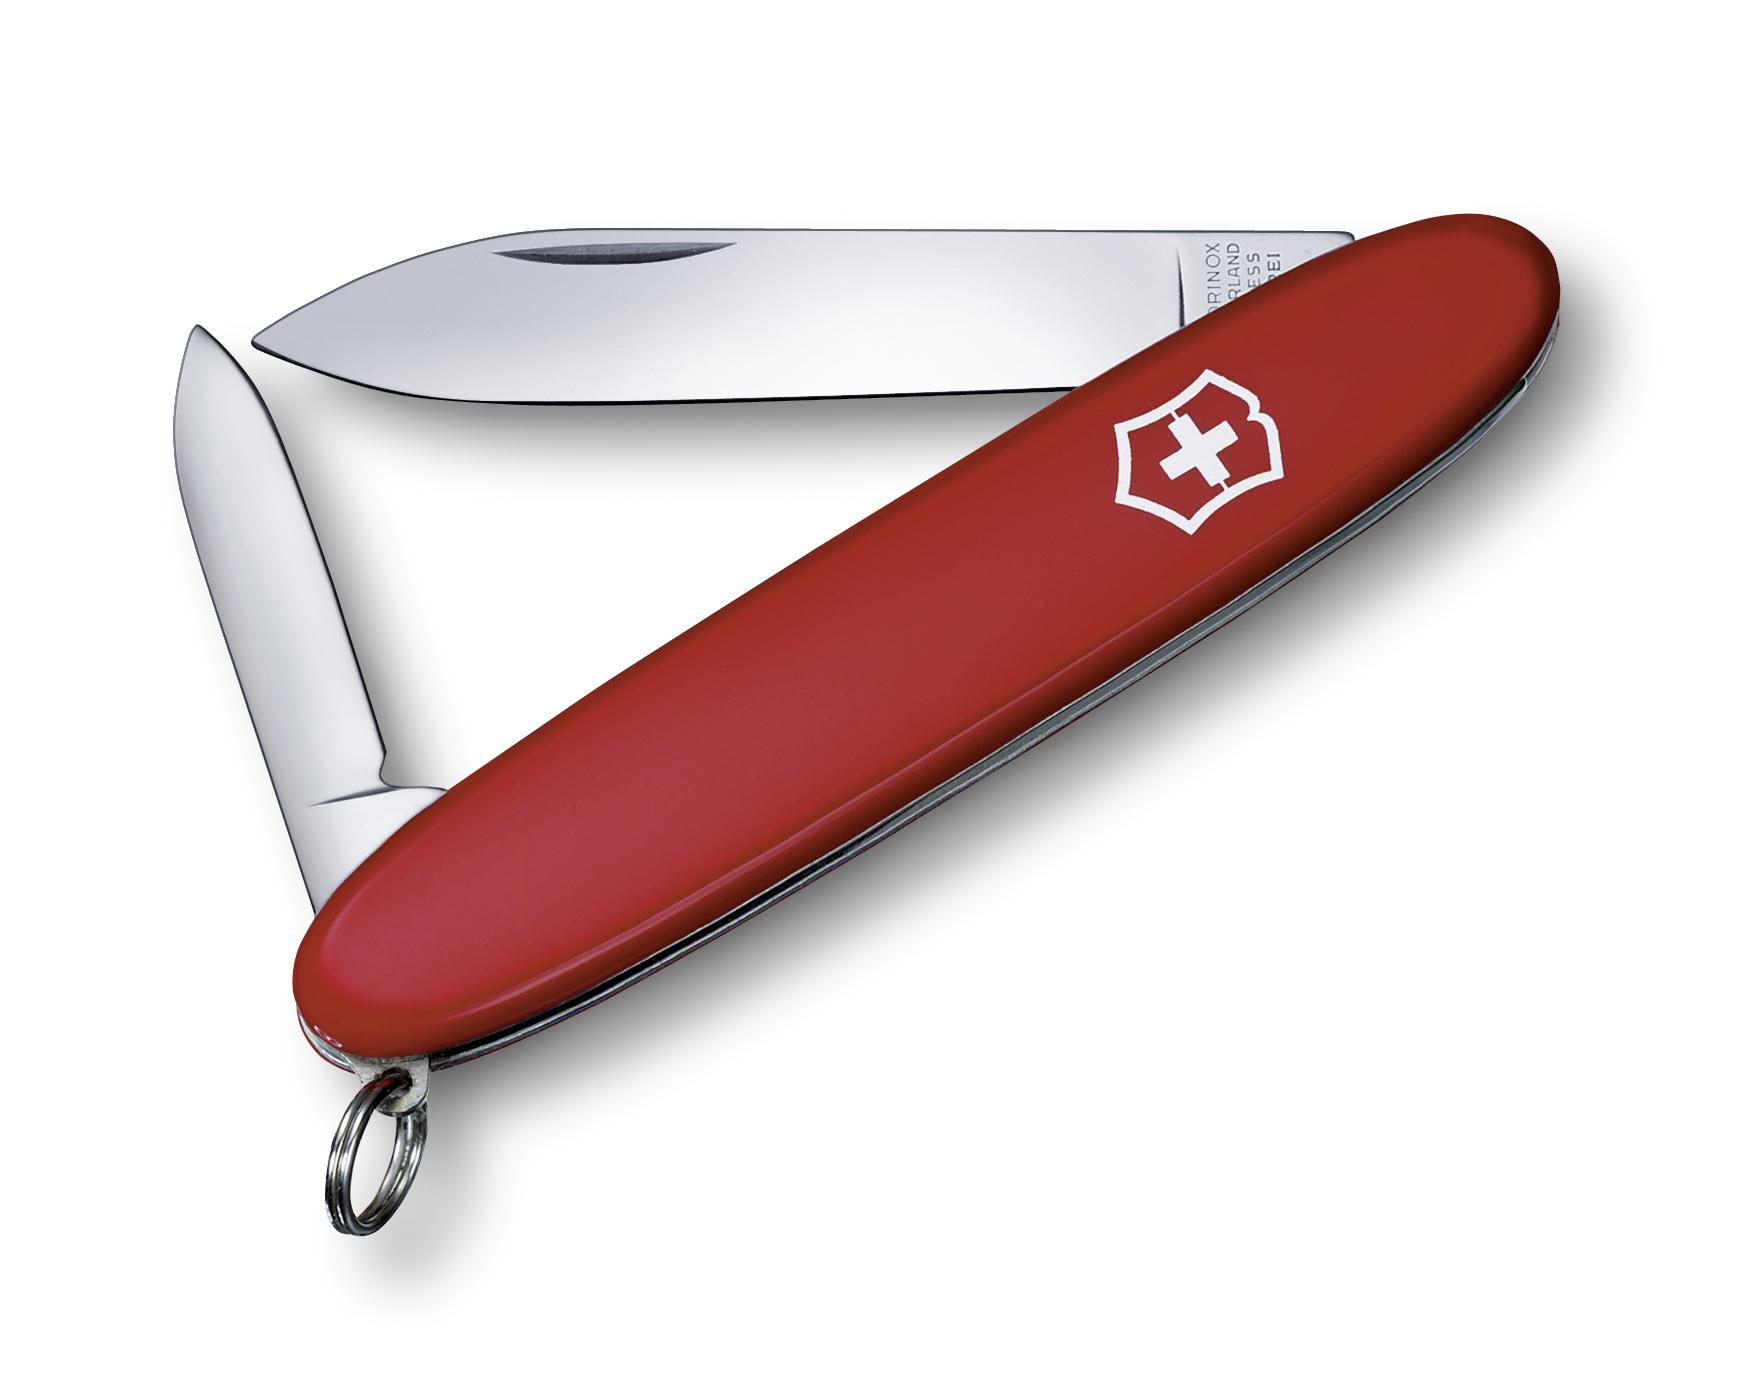 Швейцарский нож Victorinox EcoLine Excelsior, 84 мм, 3 функ, красный матовый  (2.6901)